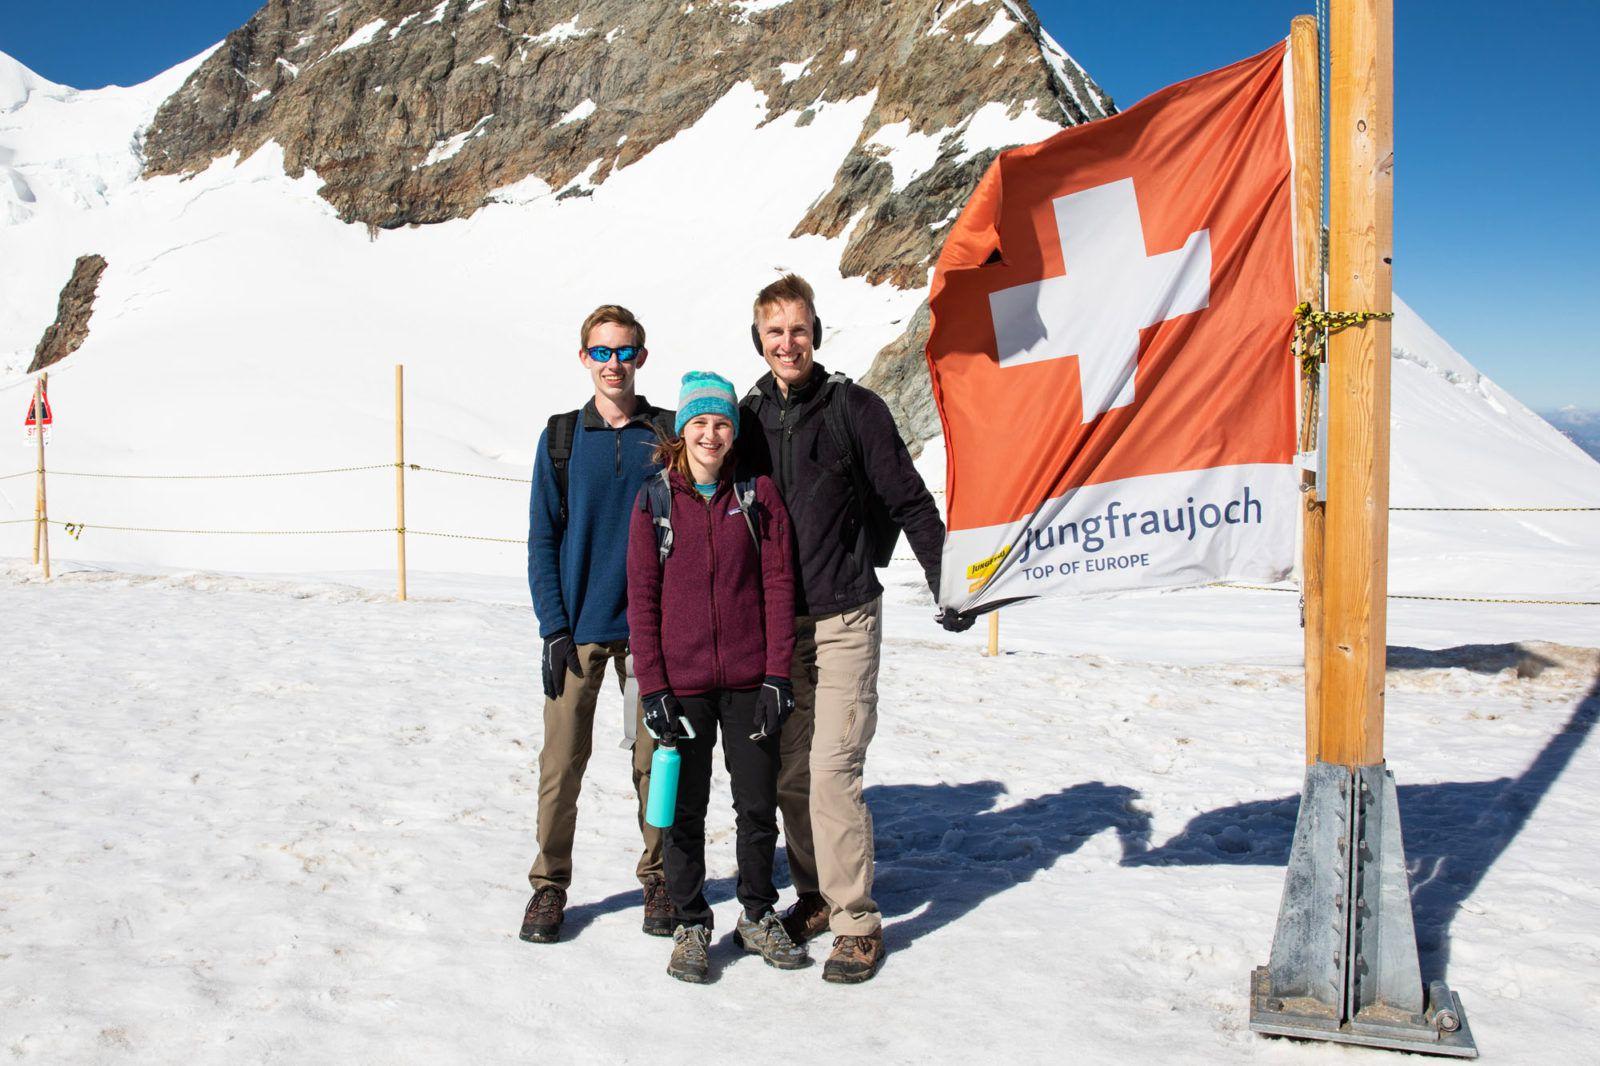 Is Jungfraujoch Worth It